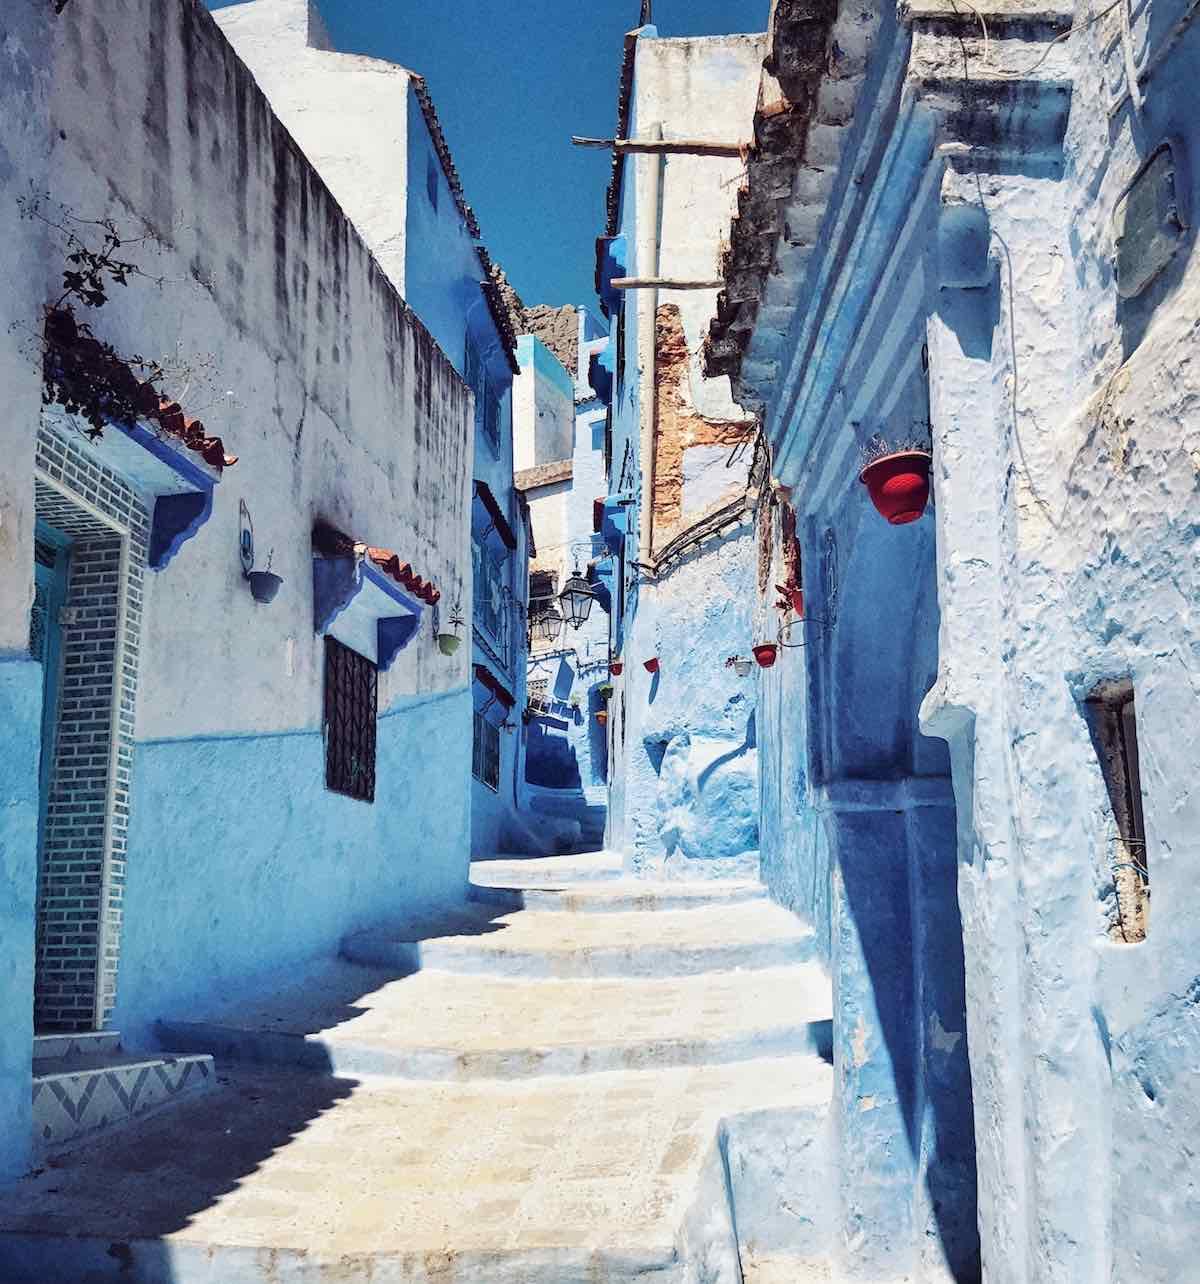 stedentrip Chefchaouen